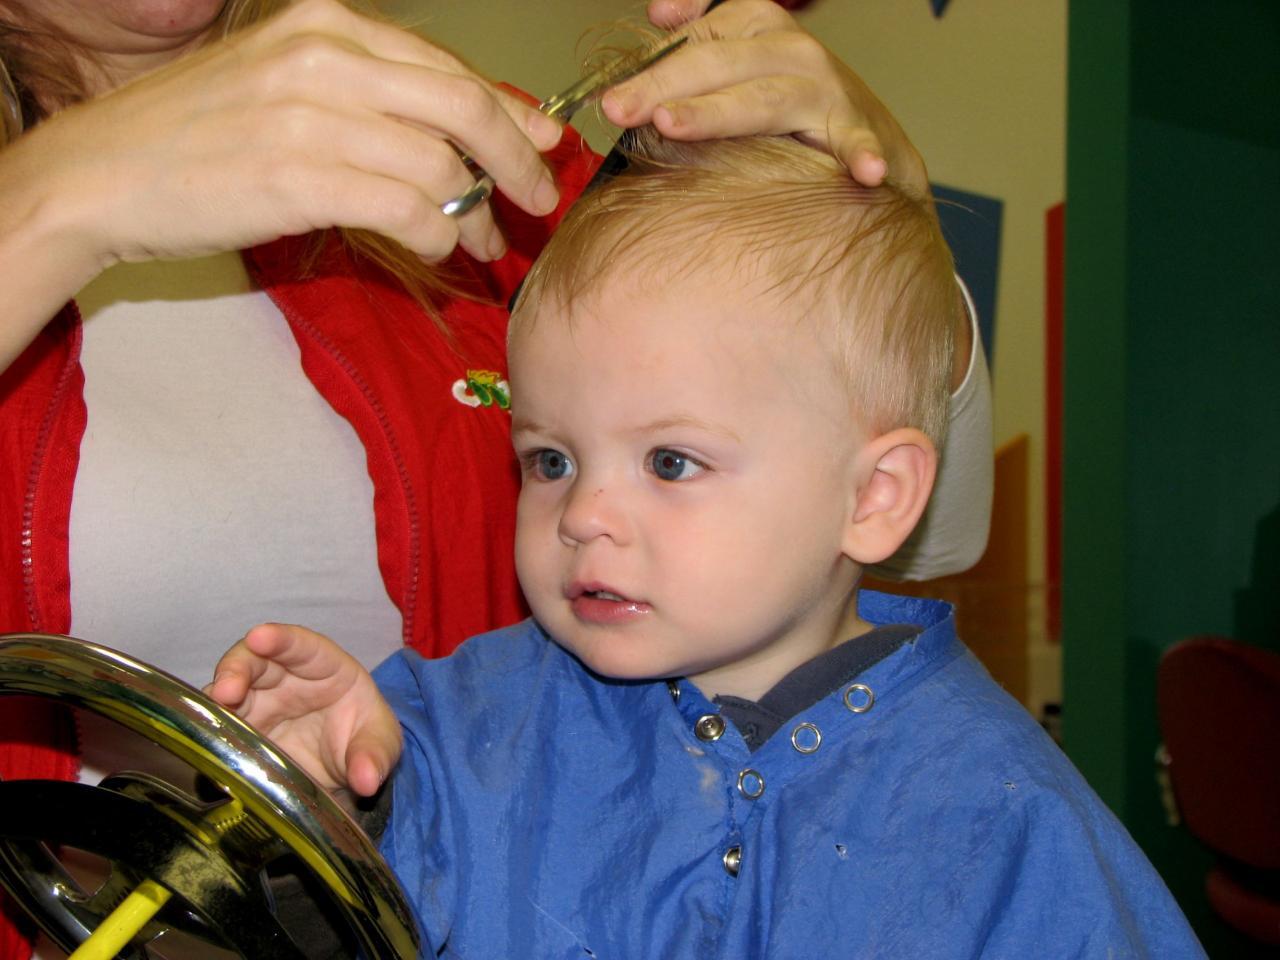 صورة احدث قصات الشعر للاطفال , اجمل قصات شعر للاولاد والبنات